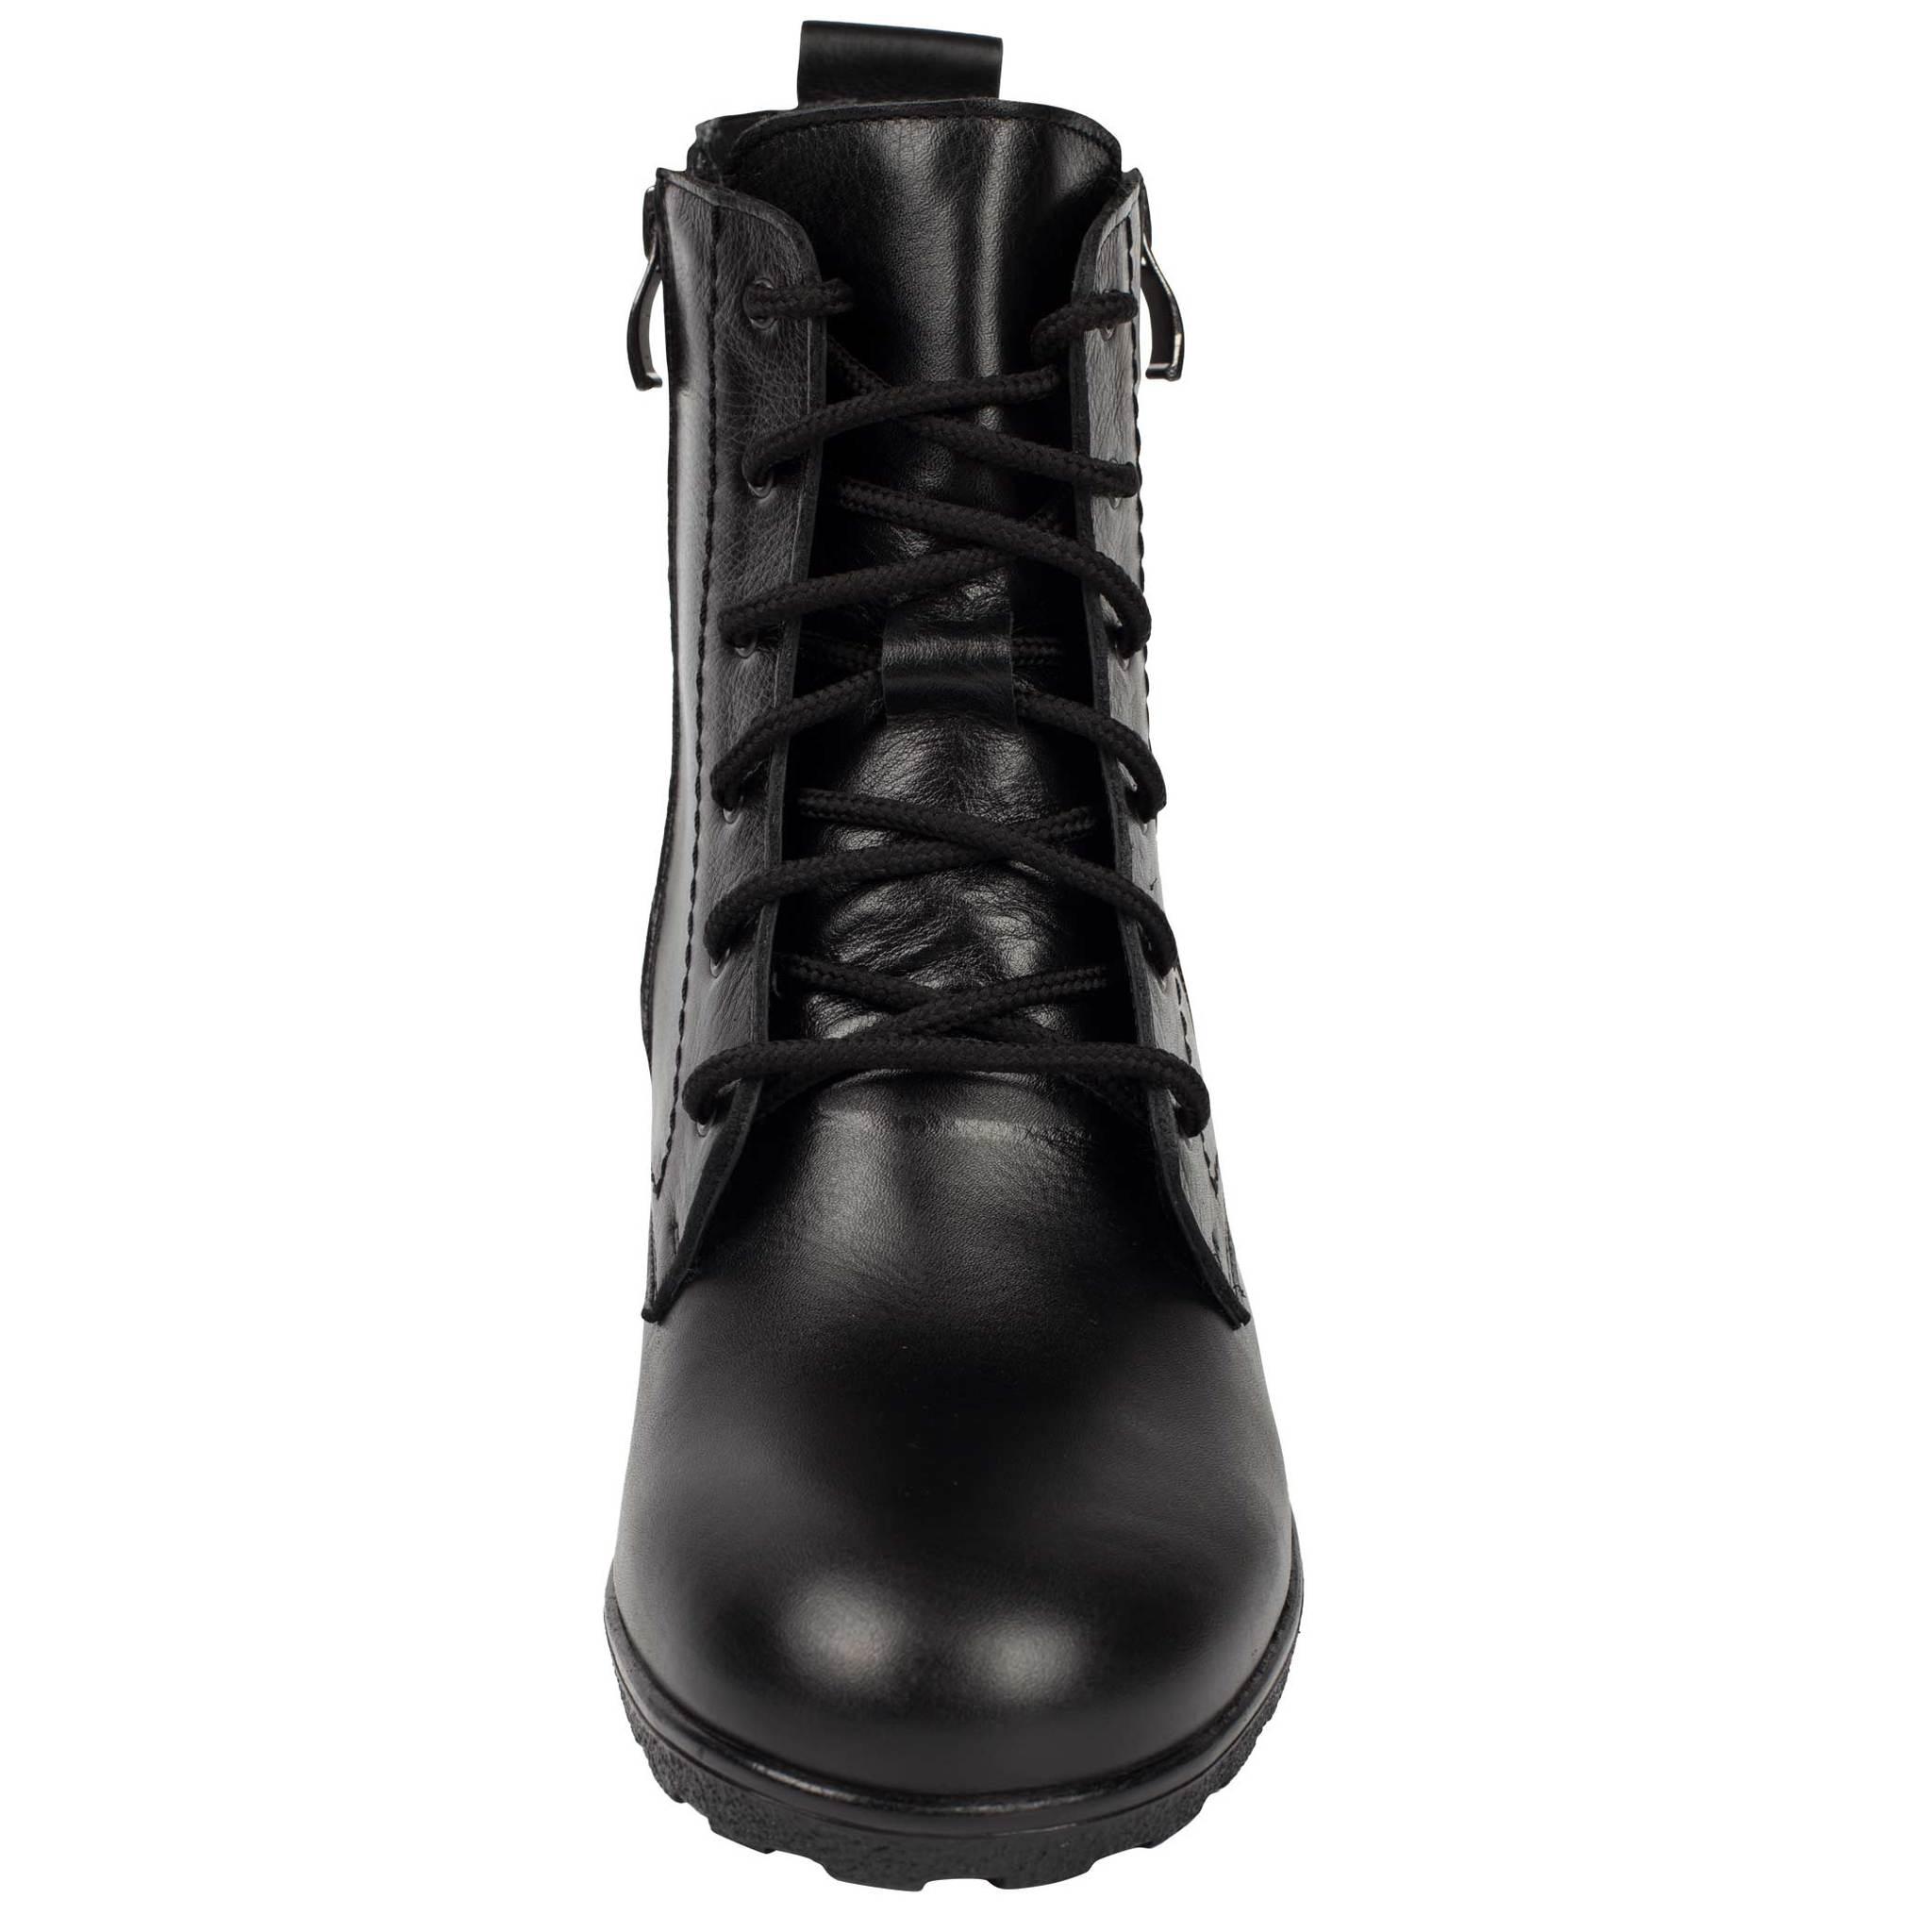 572401 Ботинки женские черные больших размеров марки Делфино